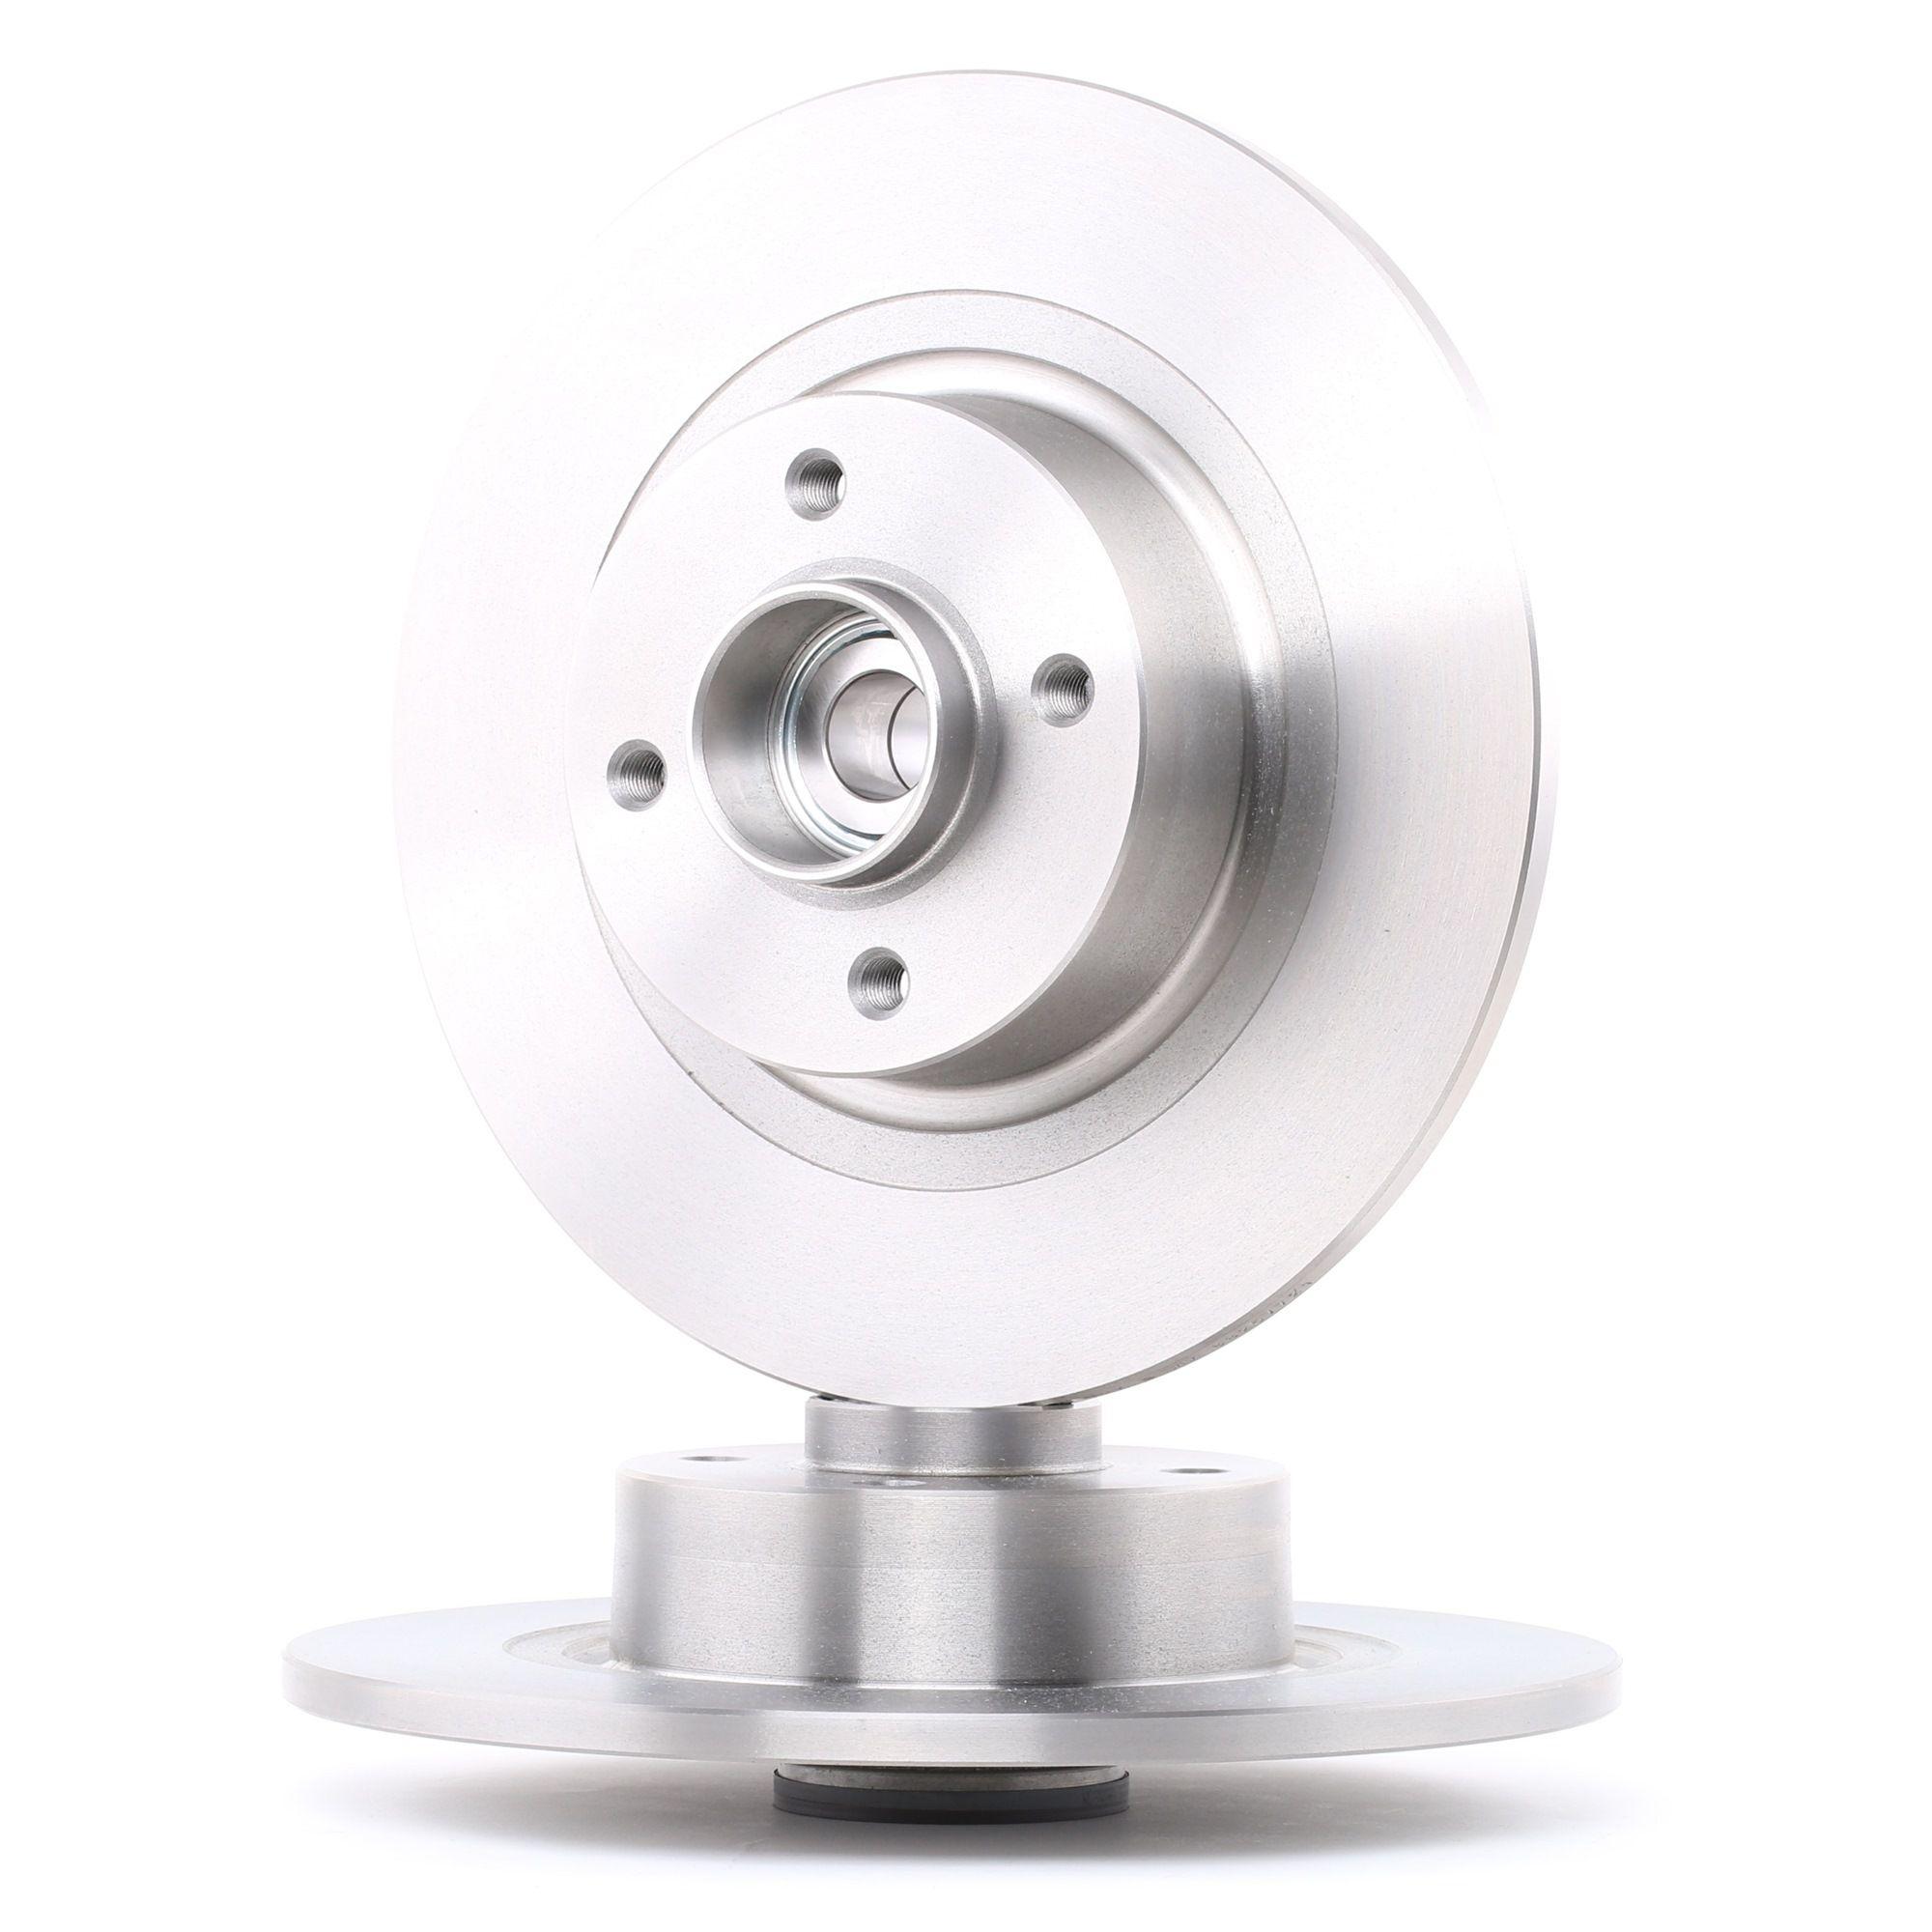 Achetez Disque SKF VKBD 1014 (Ø: 270, 55mm, Jante: 4Trou, Épaisseur du disque de frein: 10mm) à un rapport qualité-prix exceptionnel